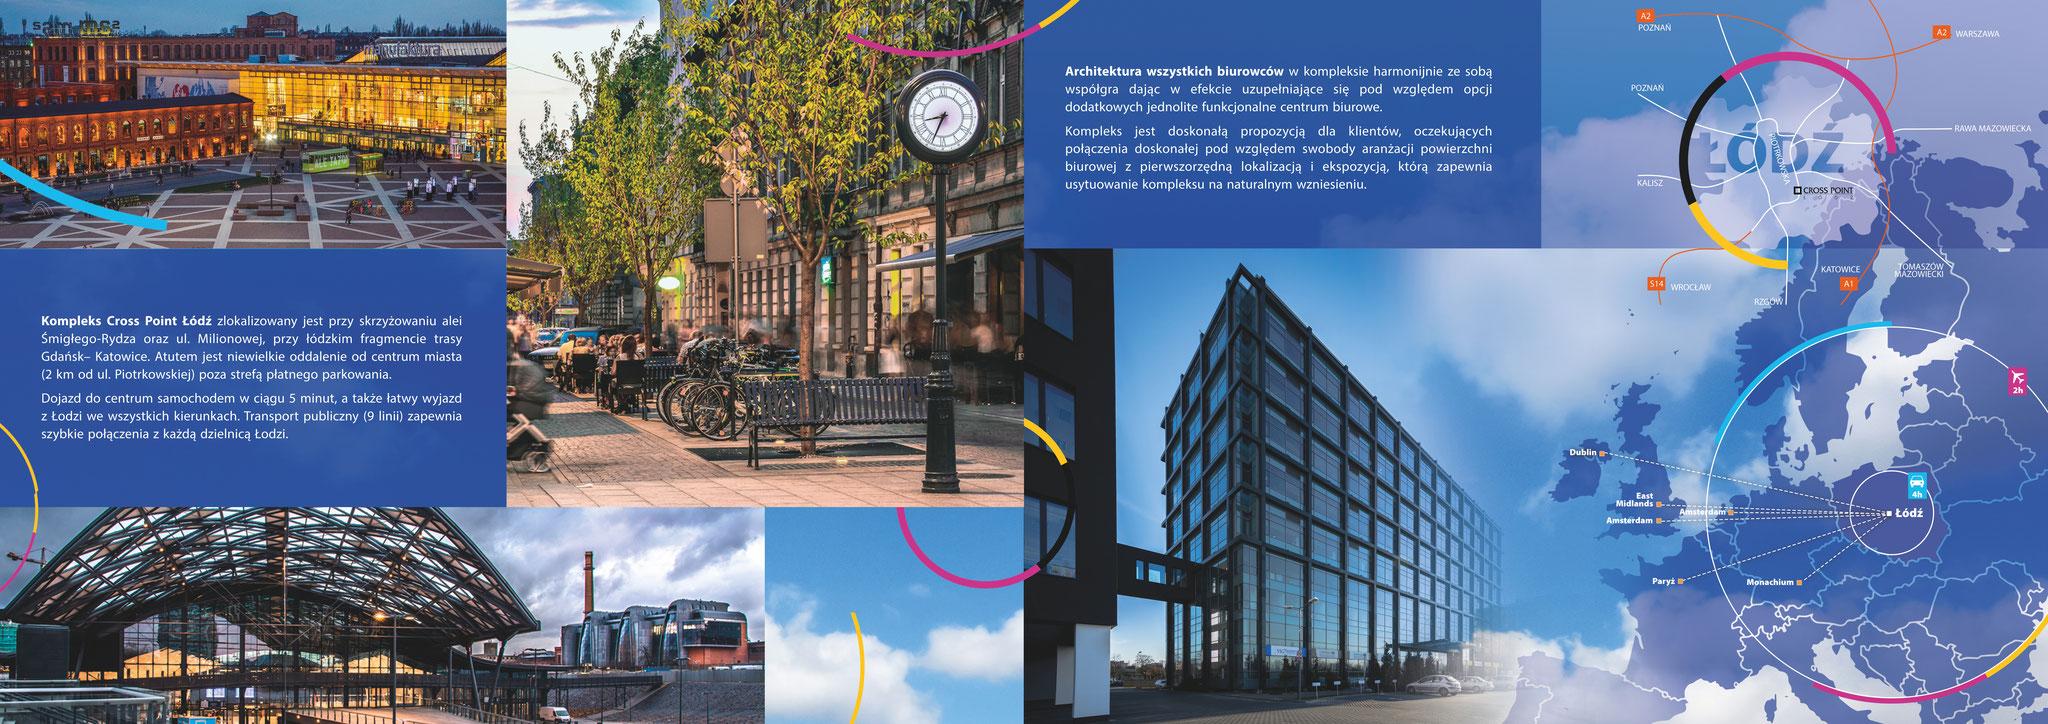 Fotografie Łodzi oraz fotografie biurowca wykorzystane w folderze reklamowym firmy Mermaid Properties